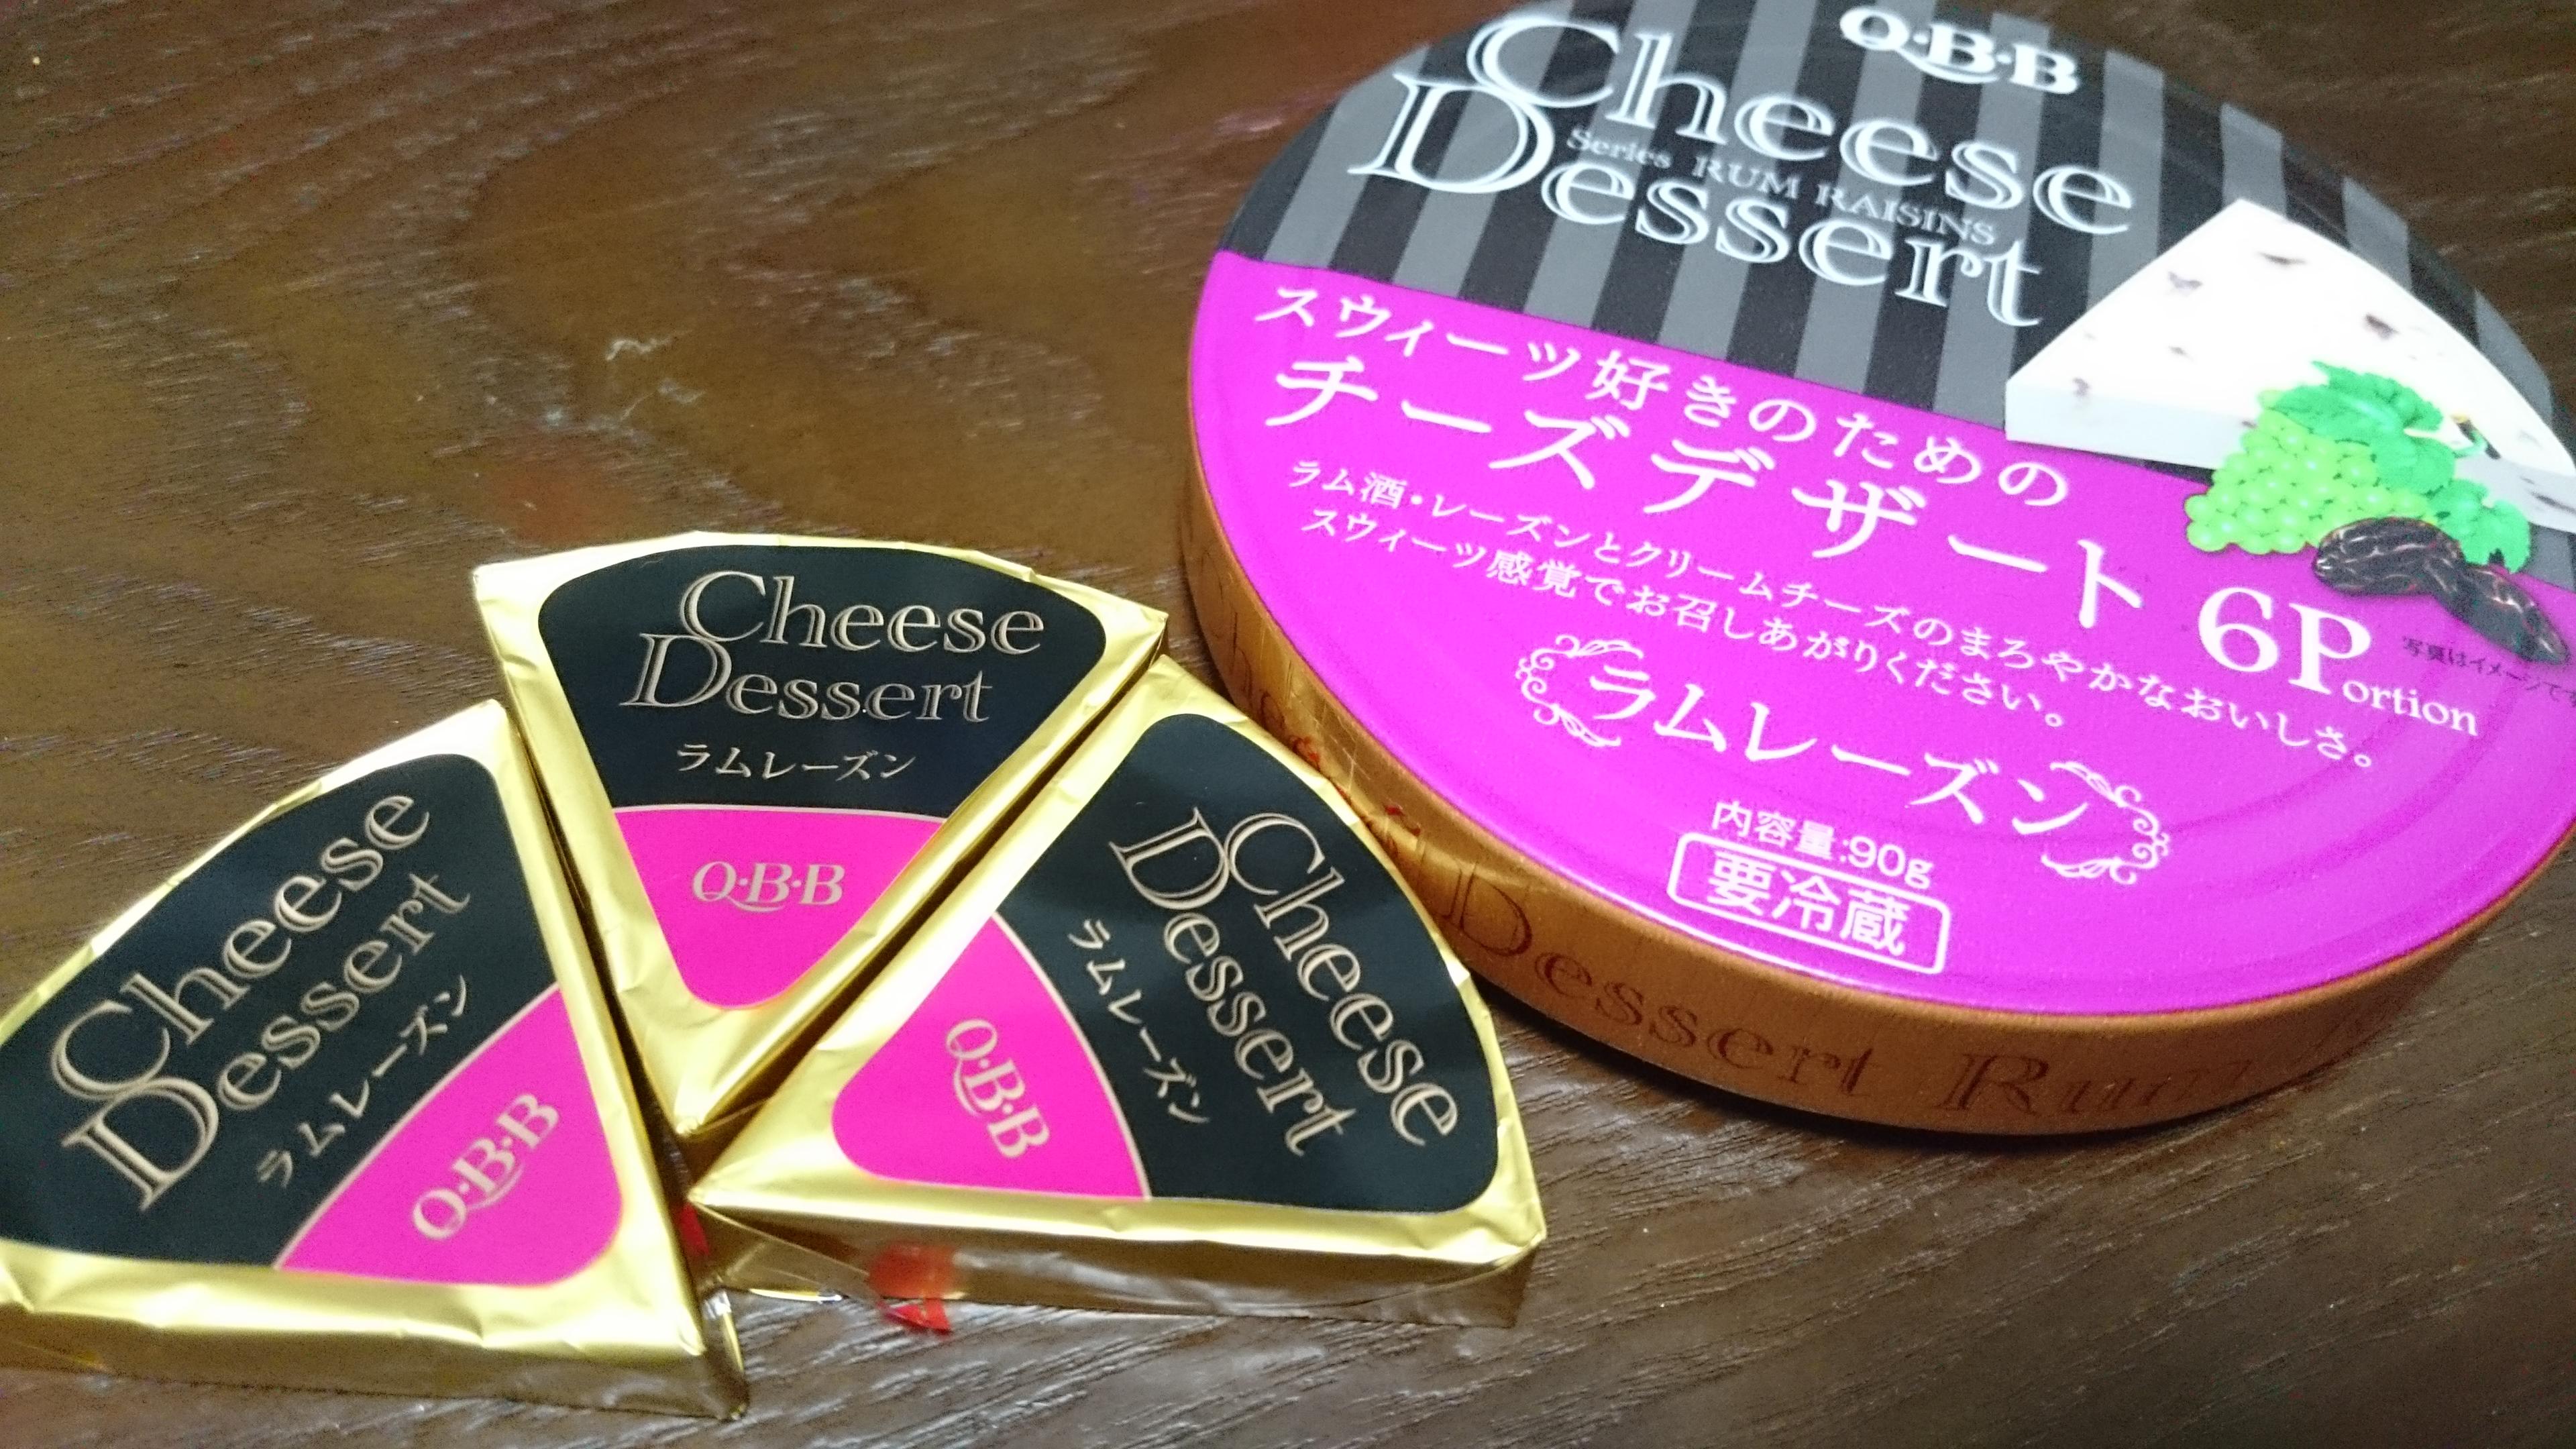 7チーズデザート